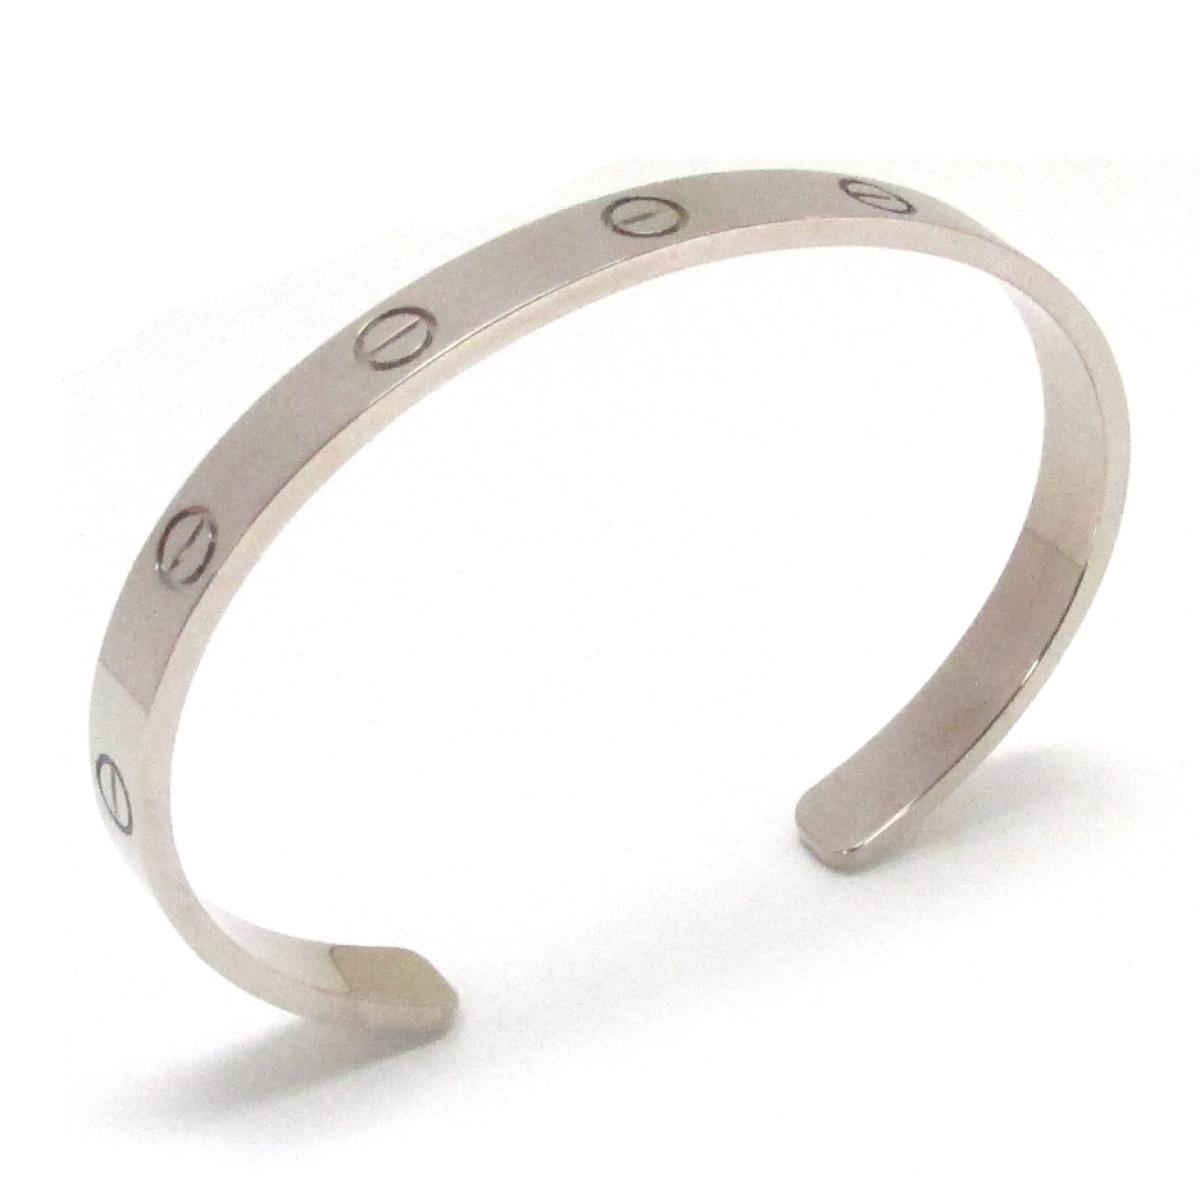 【中古】 カルティエ ラブブレス ブレスレット オープン バングル レディース K18WG (750) ホワイトゴールド   Cartier BRANDOFF ブランドオフ ブランド アクセサリー 腕輪